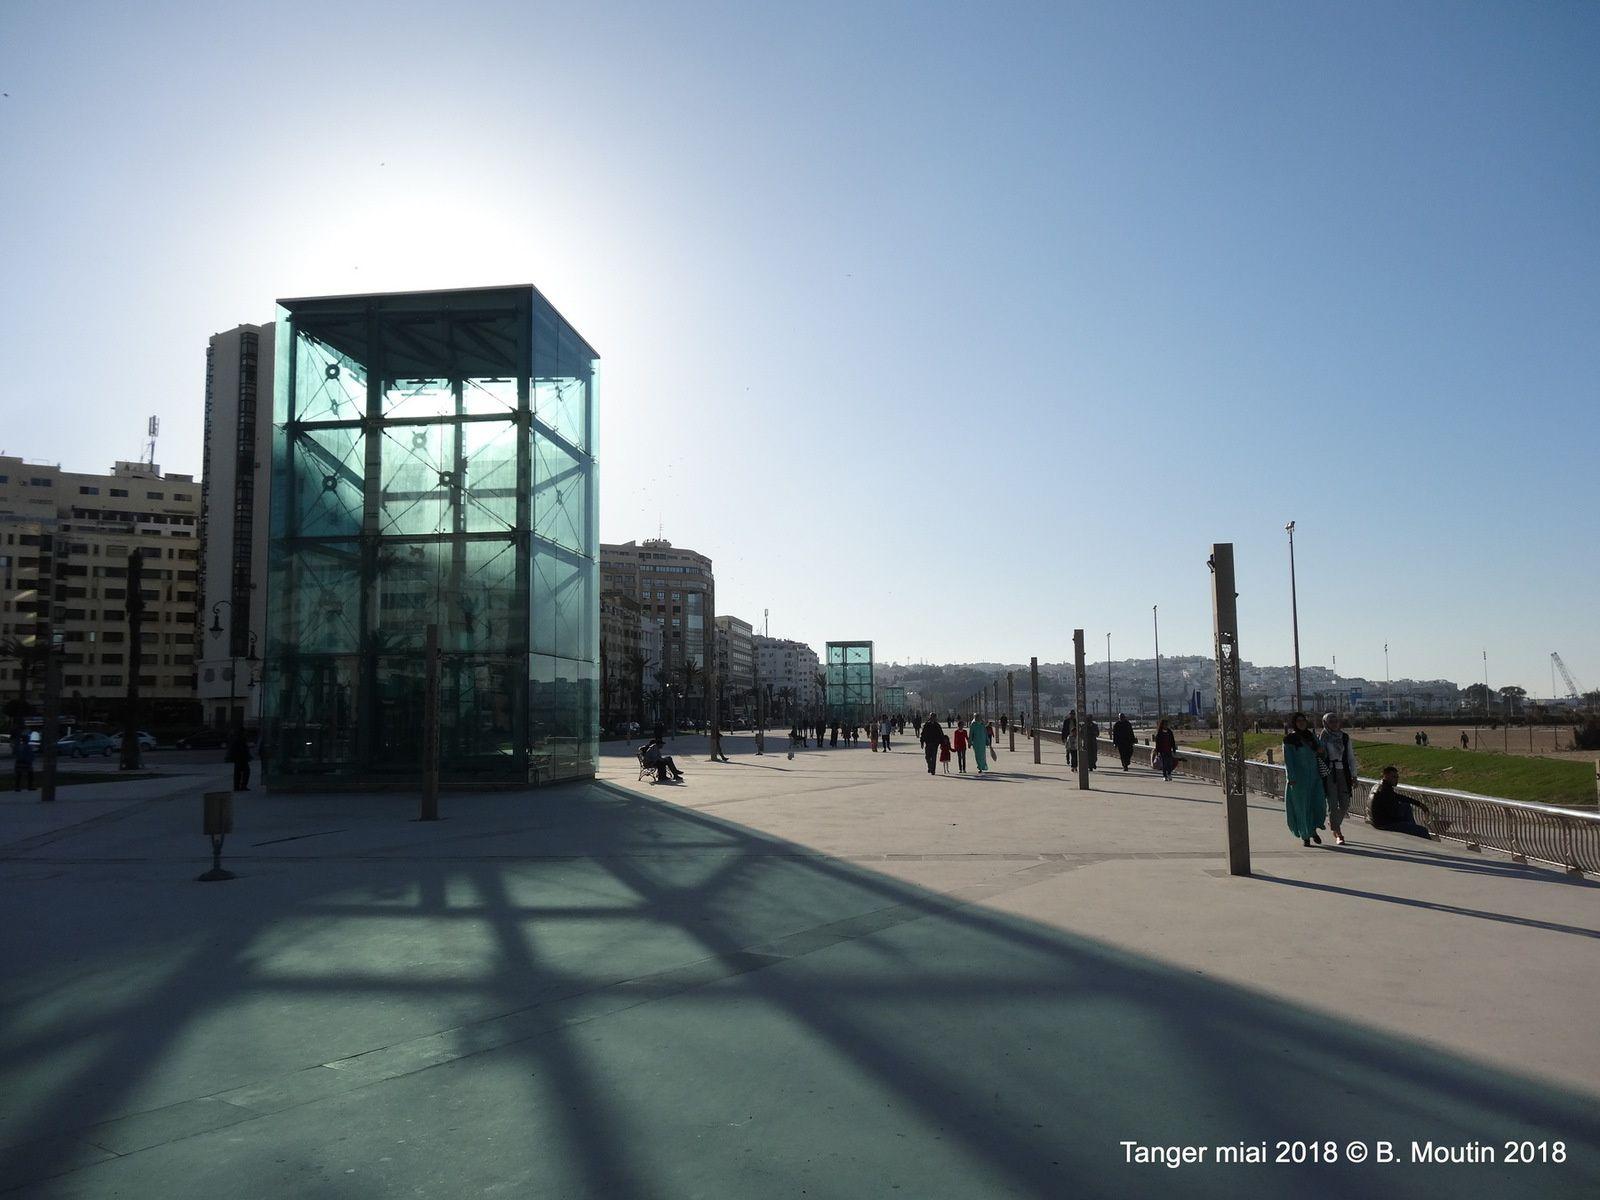 Promenade sur la corniche à Tanger (10 photos)